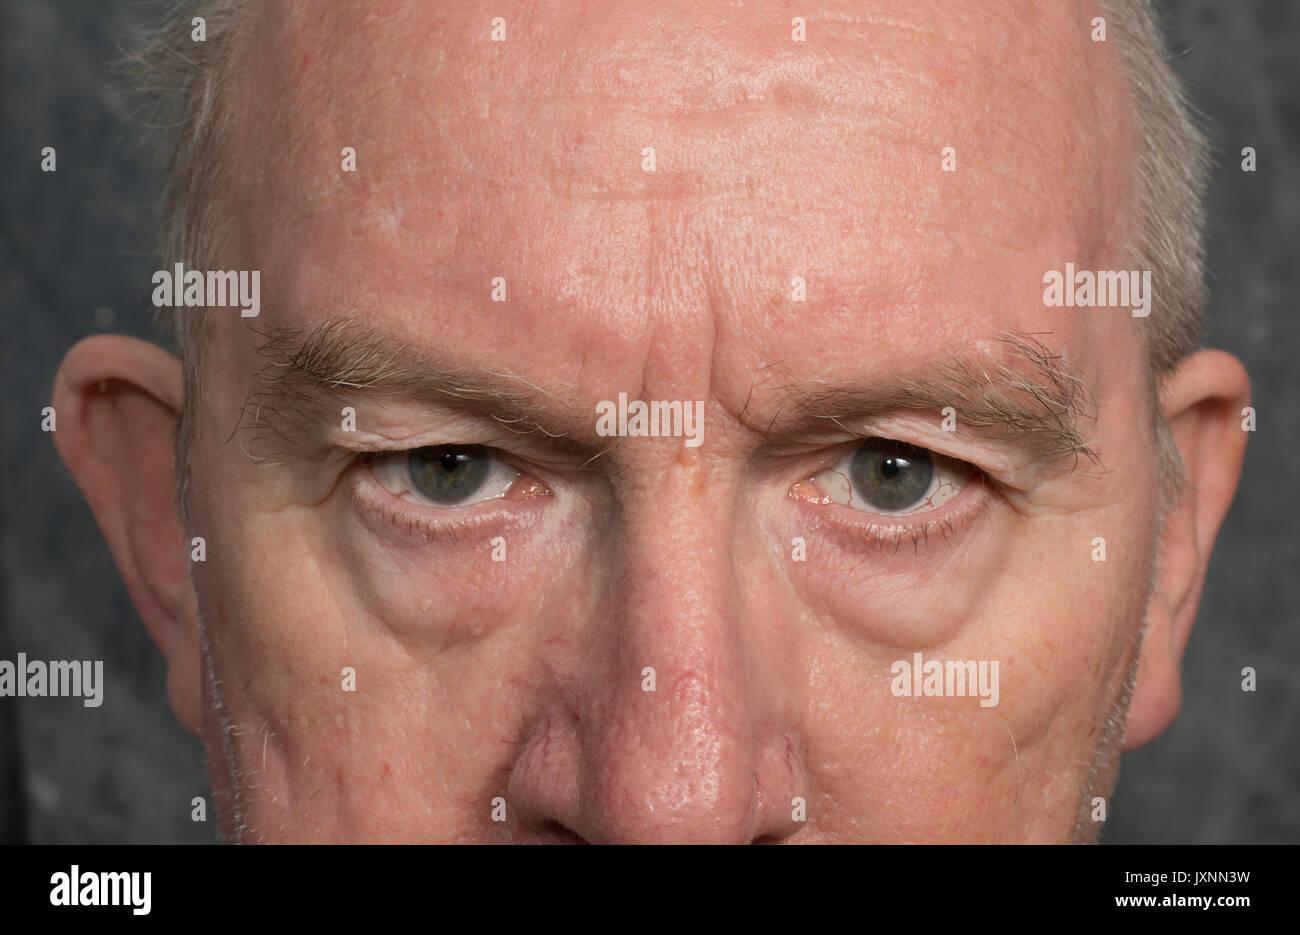 Cerca de los ojos de un hombre mayor de edad, ligeramente hostil. Una hostil, antipático y mirada amenazante Imagen De Stock